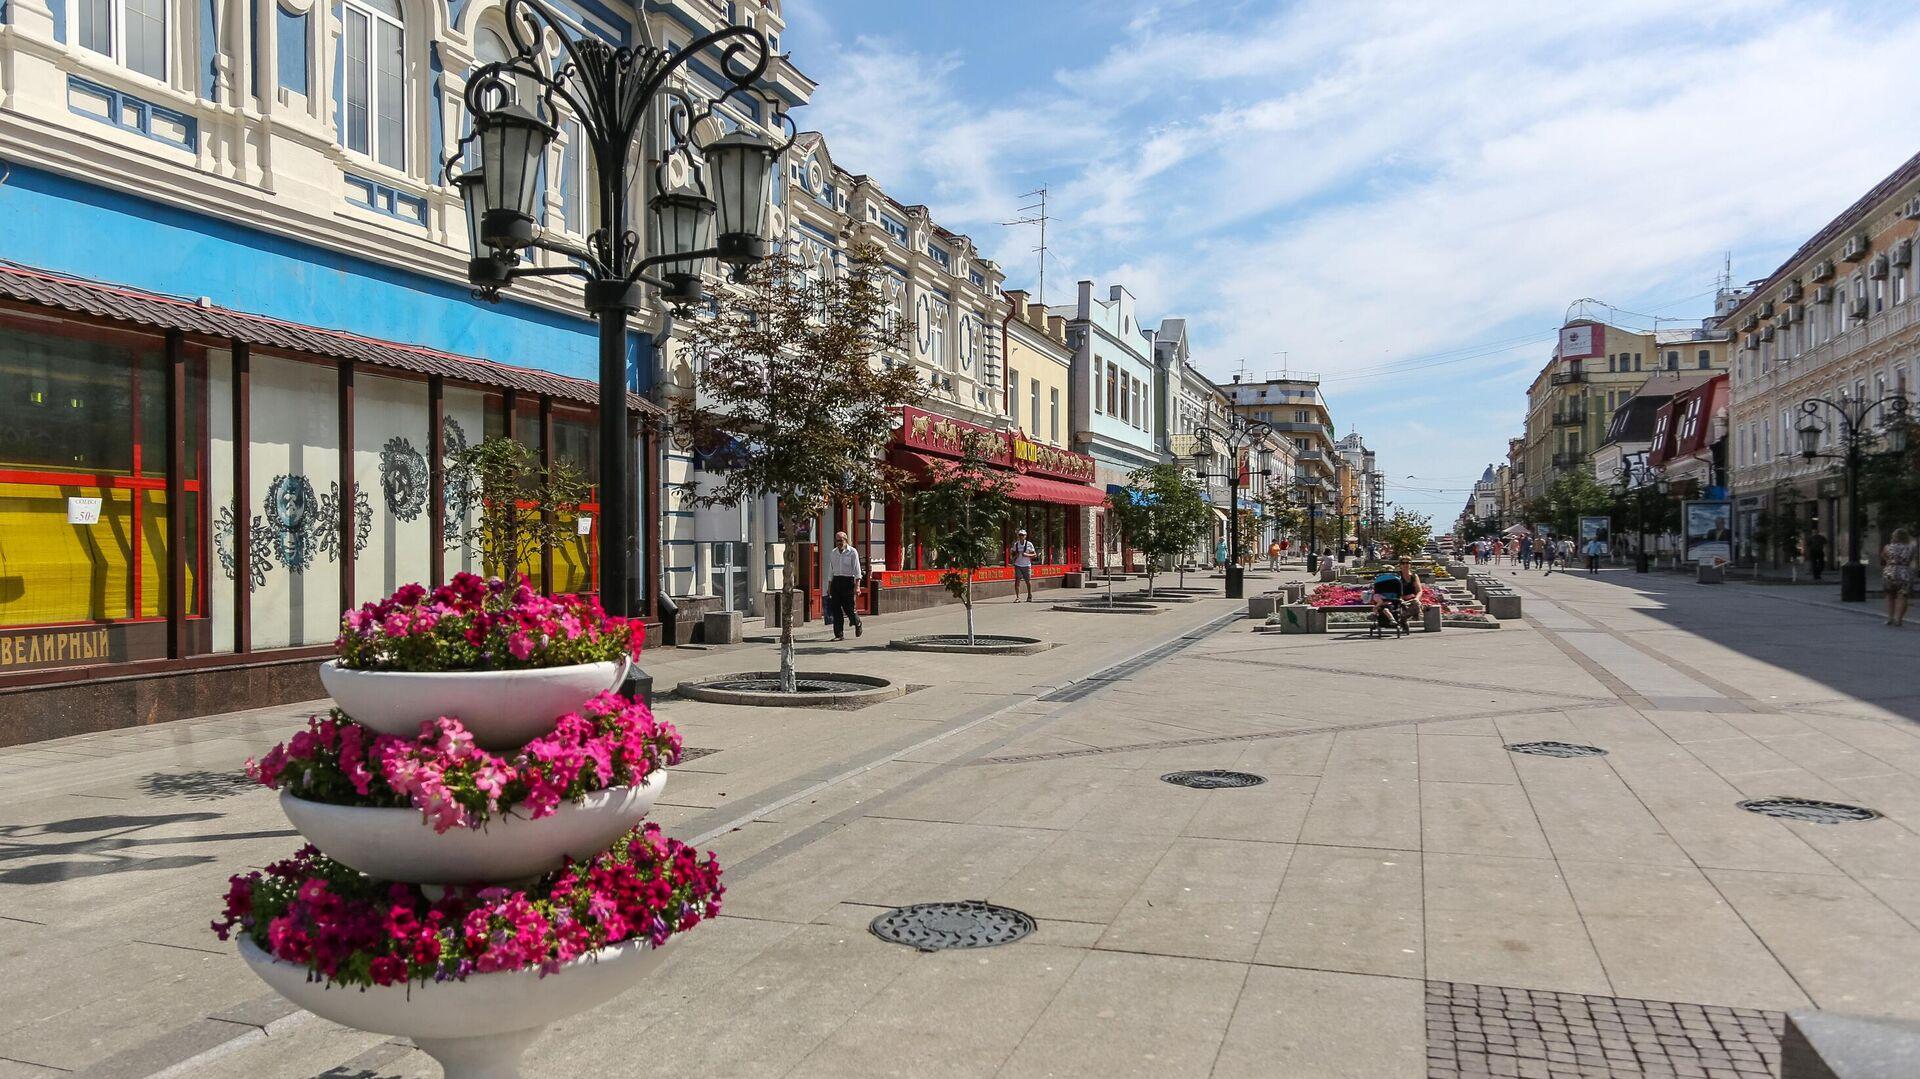 Ленинградская улица в Самаре - РИА Новости, 1920, 19.09.2020